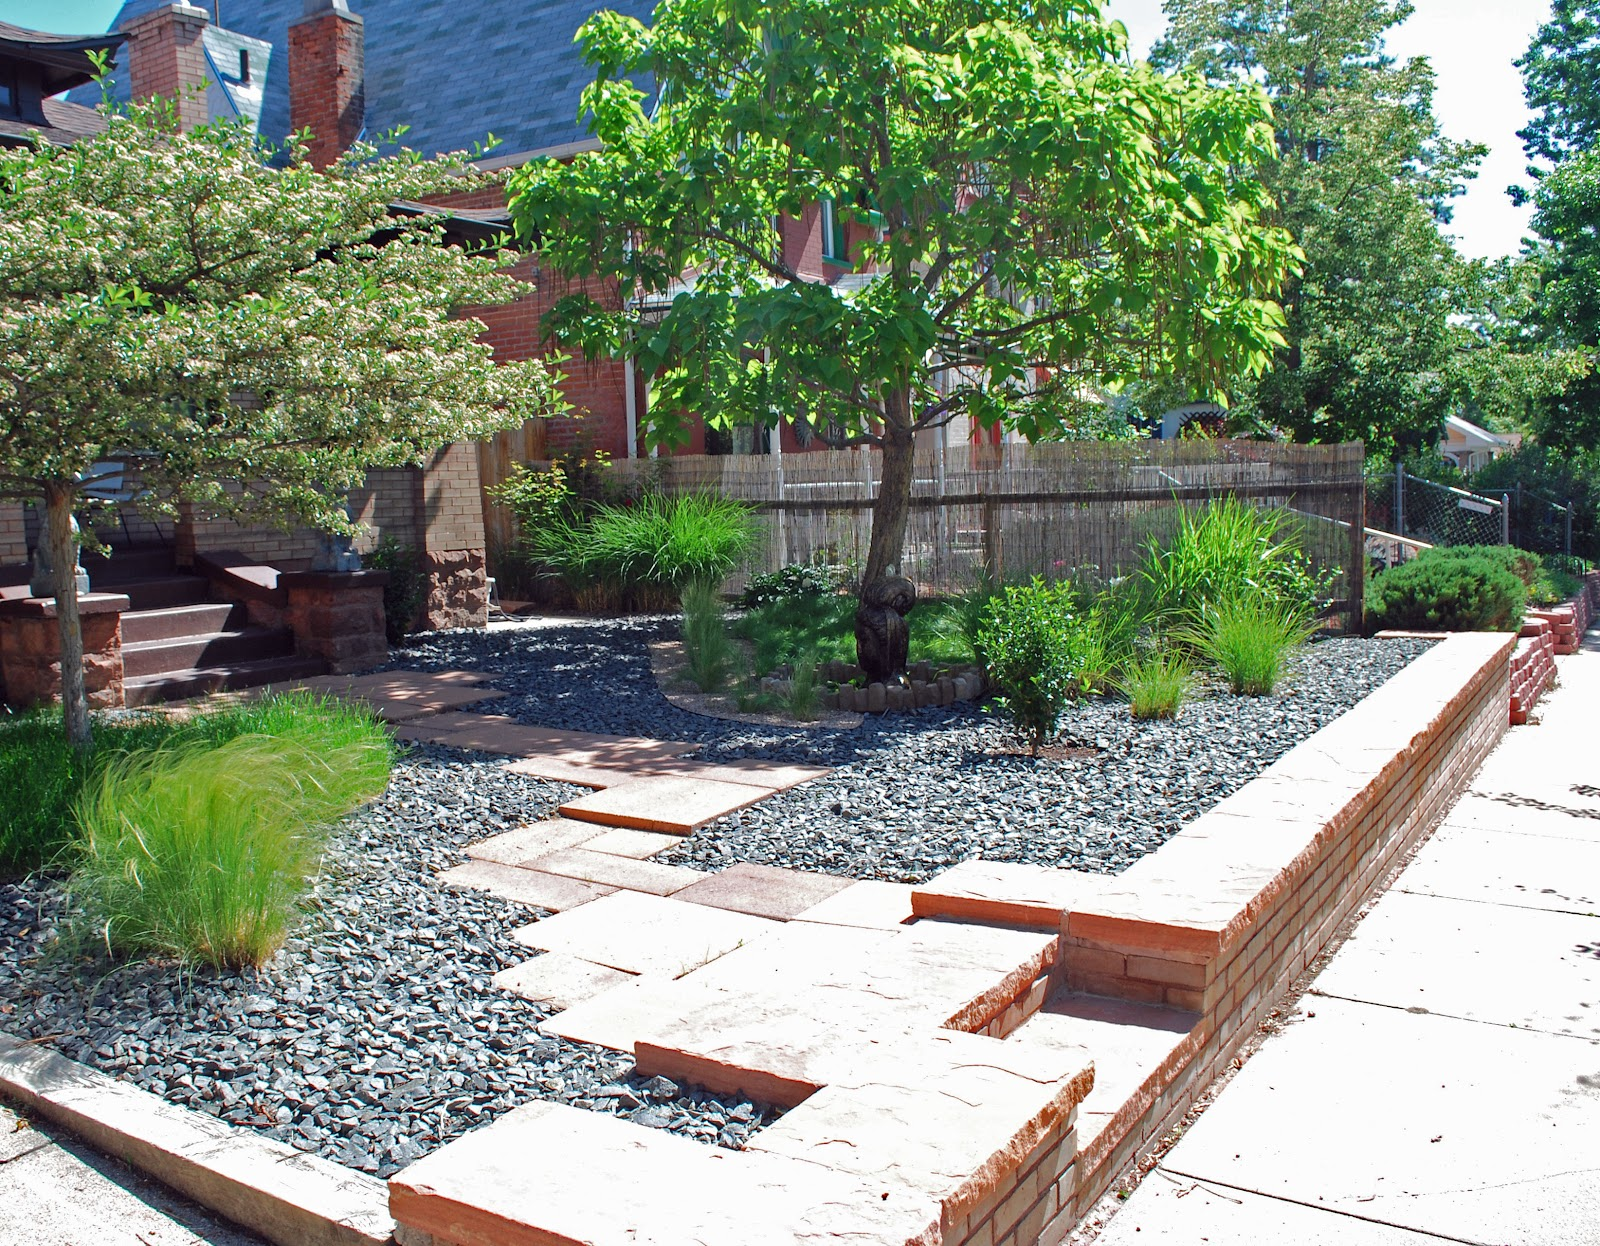 landscape design focus low maintenance garden share bristol. Black Bedroom Furniture Sets. Home Design Ideas